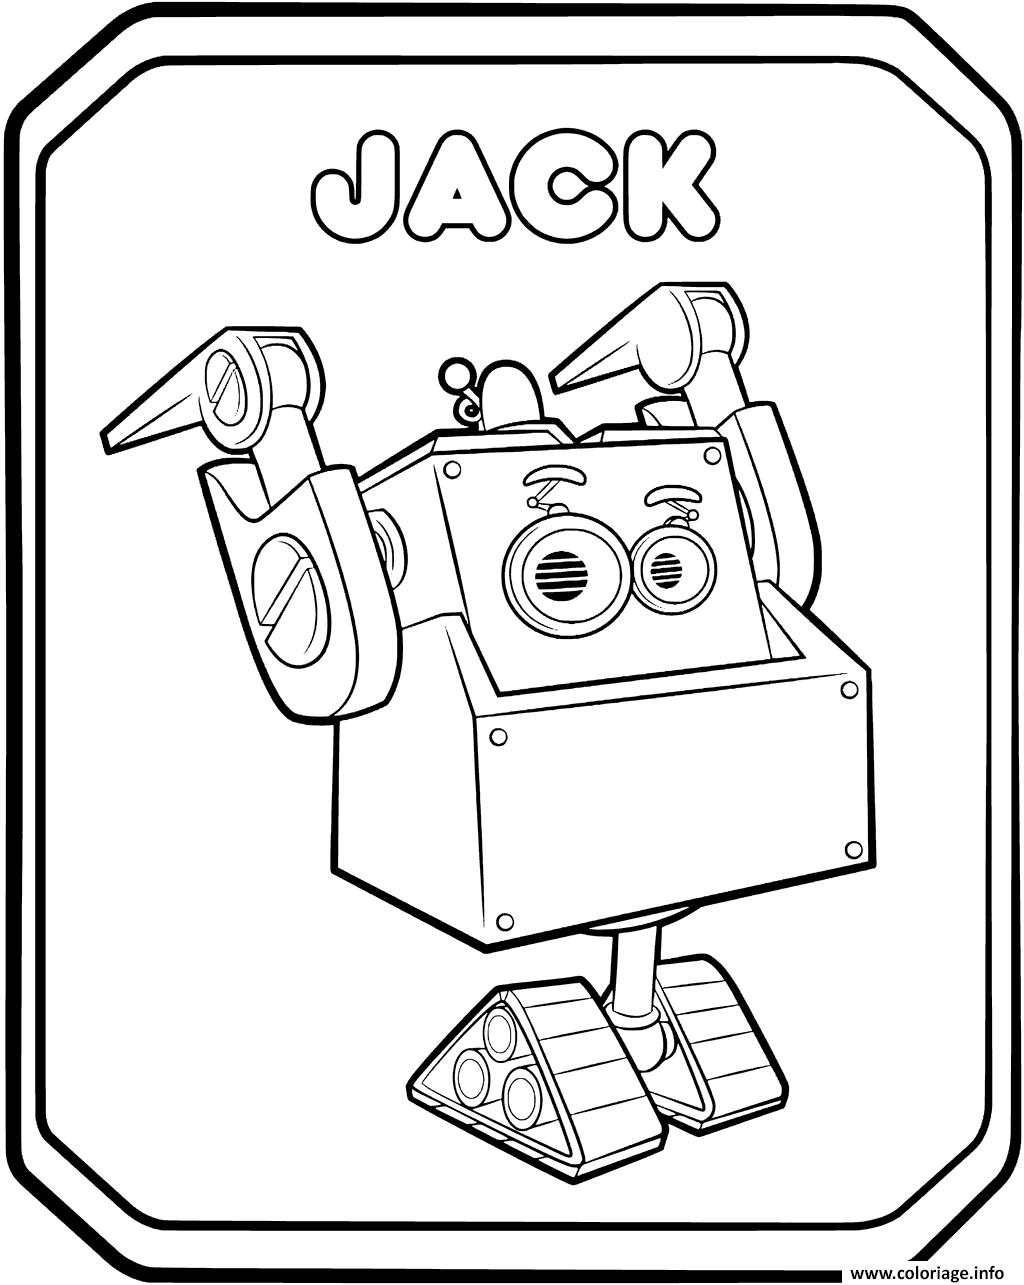 Dessin Rusty Rivets Robot Jack Coloriage Gratuit à Imprimer